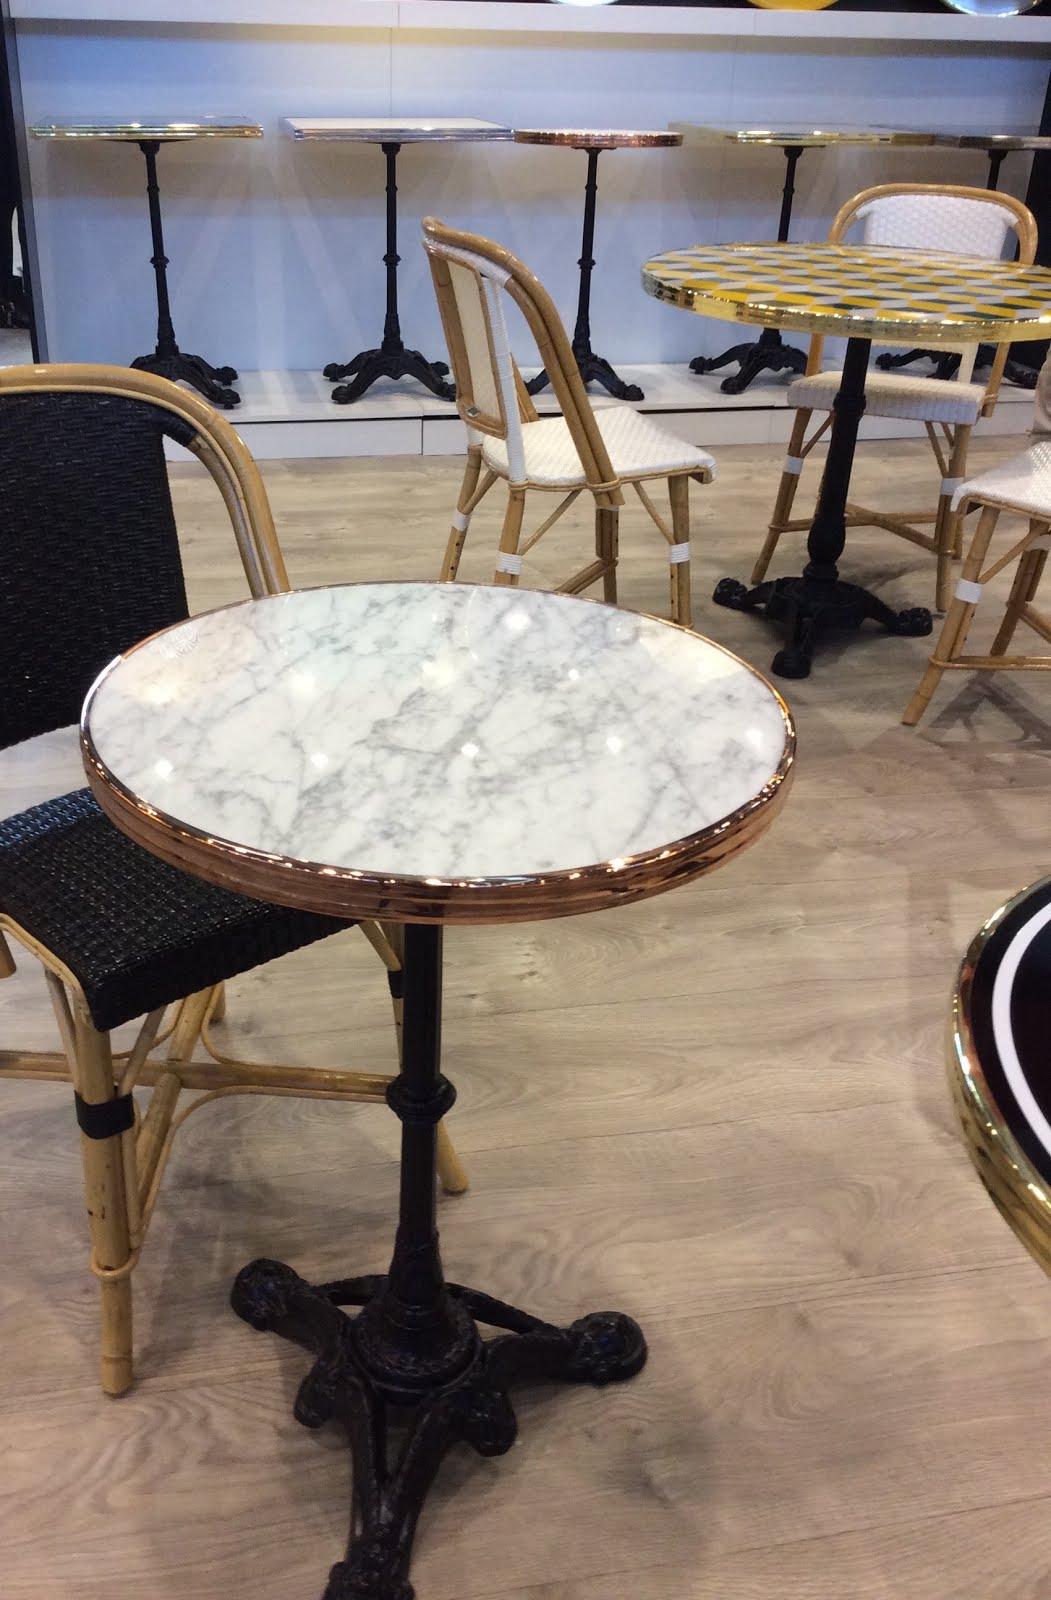 ardamez le blog nouveaut ardamez 2016 la table en marbre de carrare cercl e. Black Bedroom Furniture Sets. Home Design Ideas